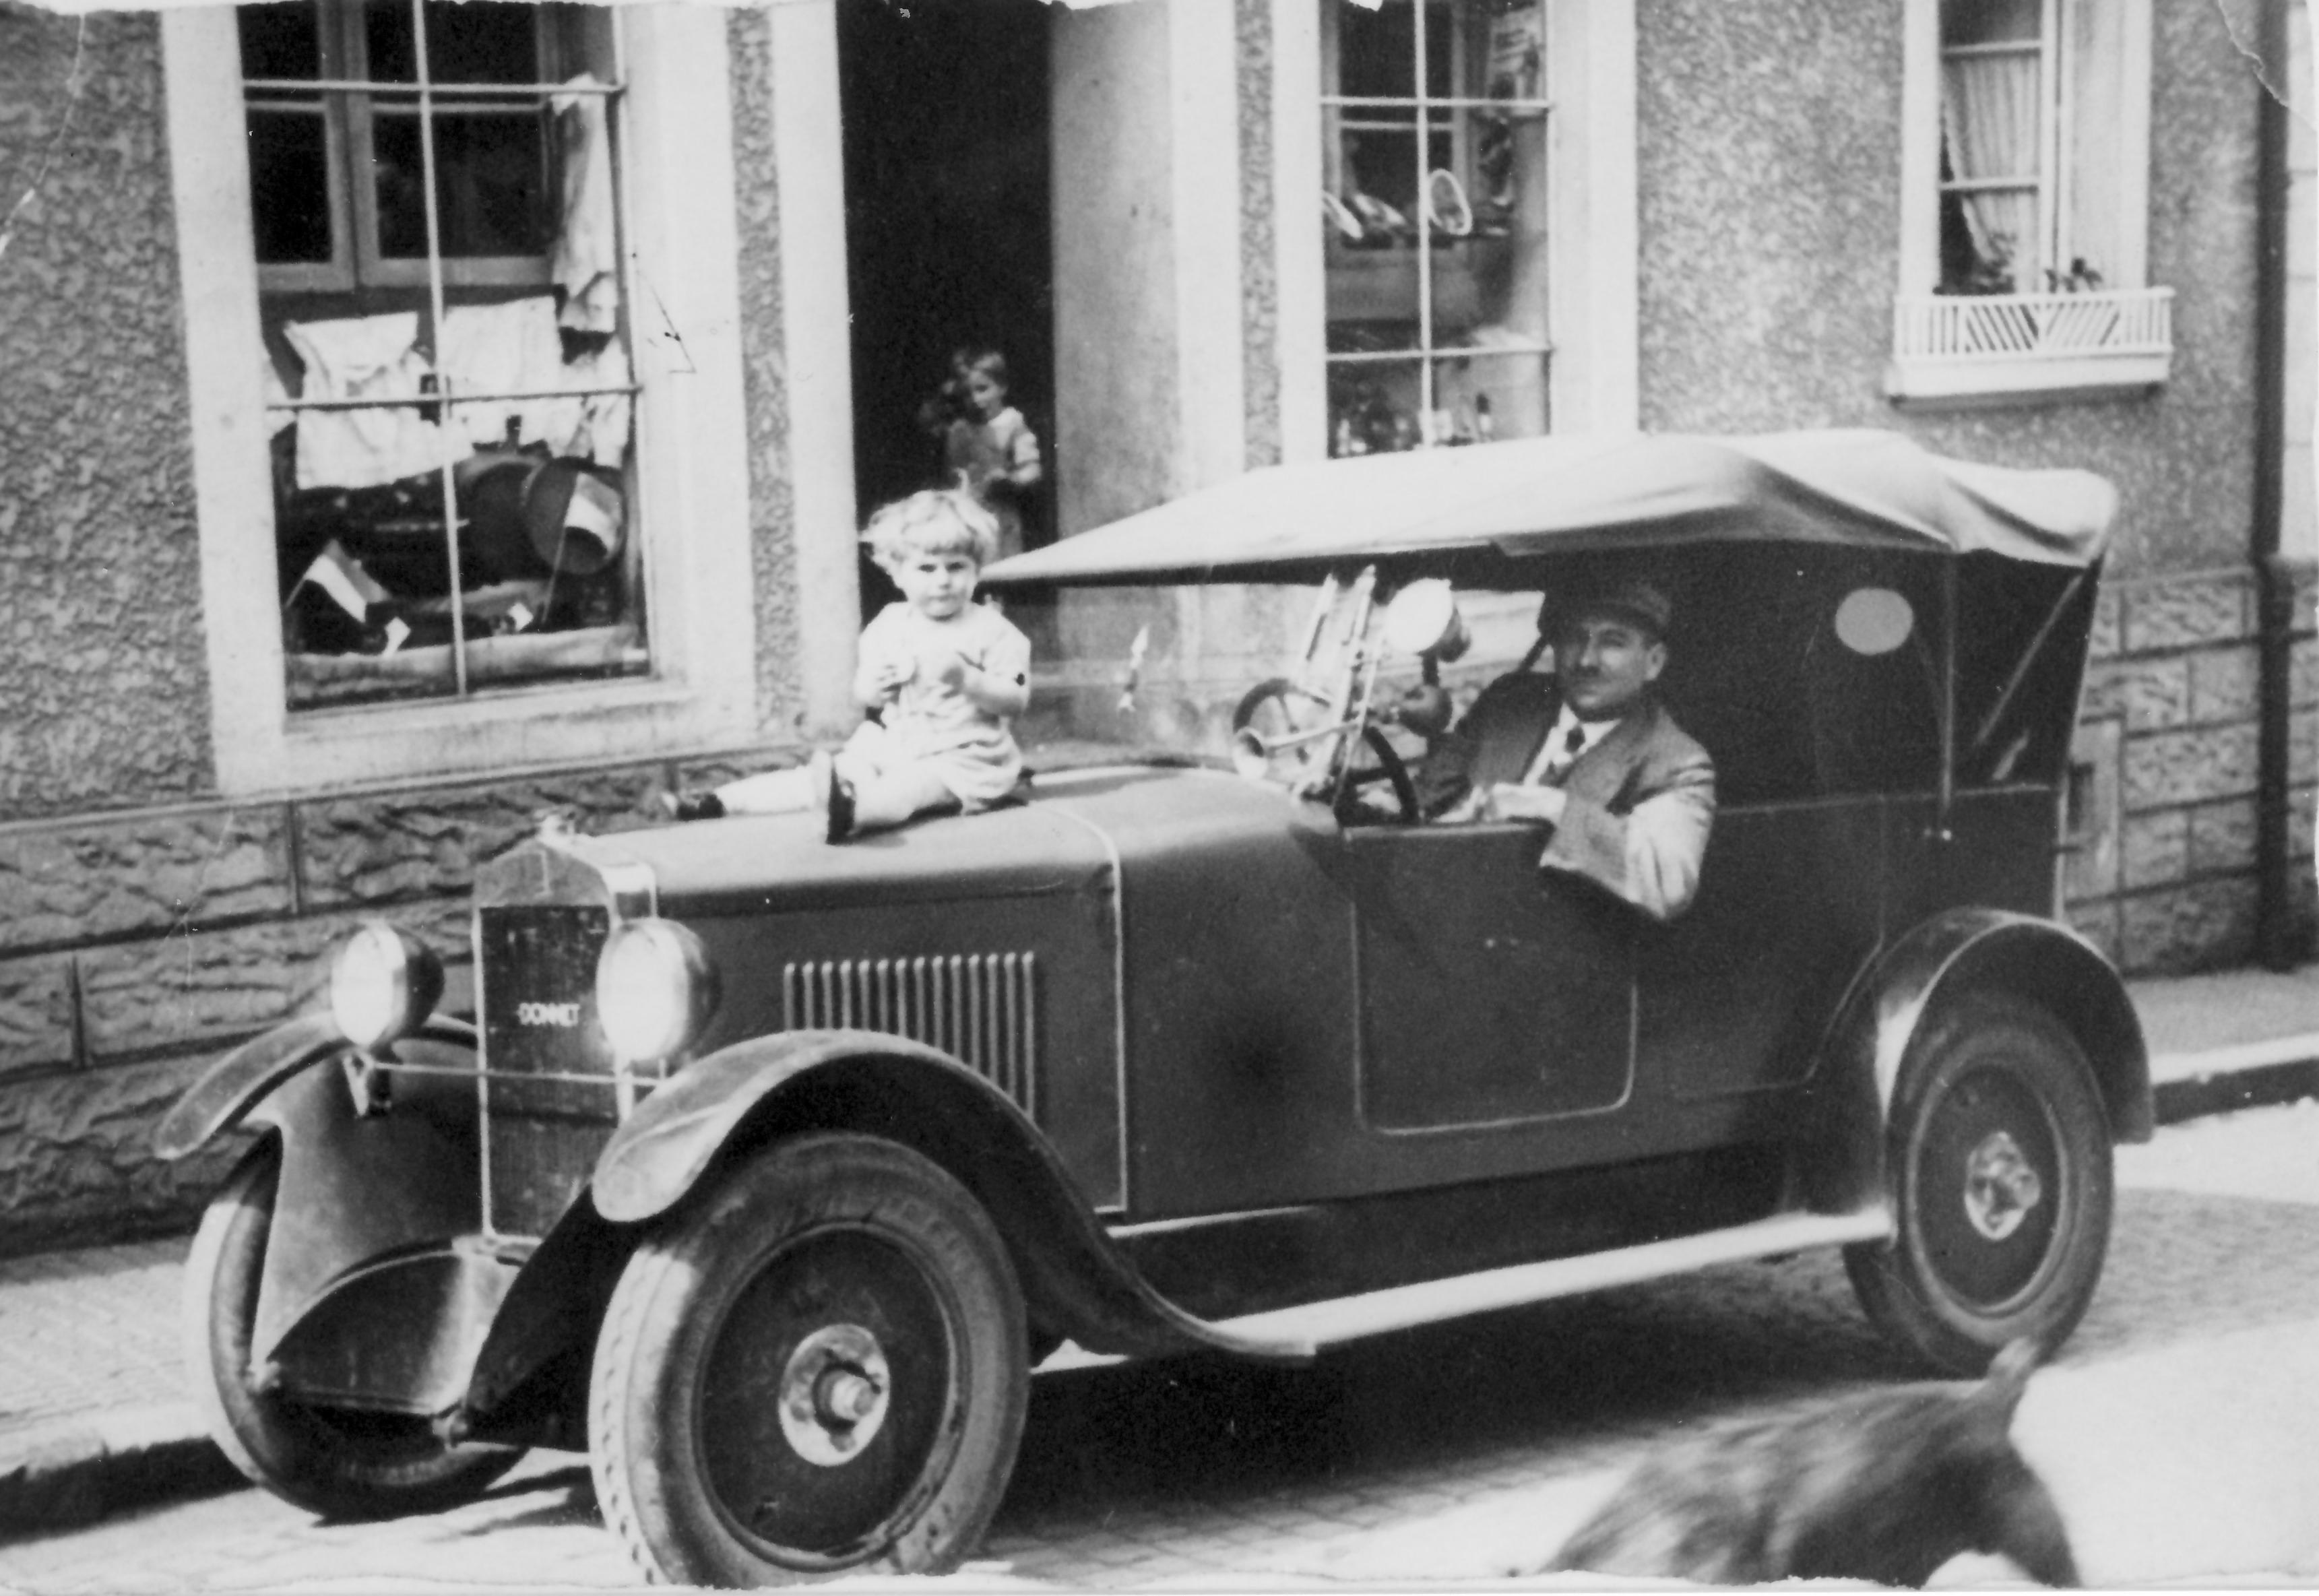 Tuwwagsbreiersch Automobil ca. 1930